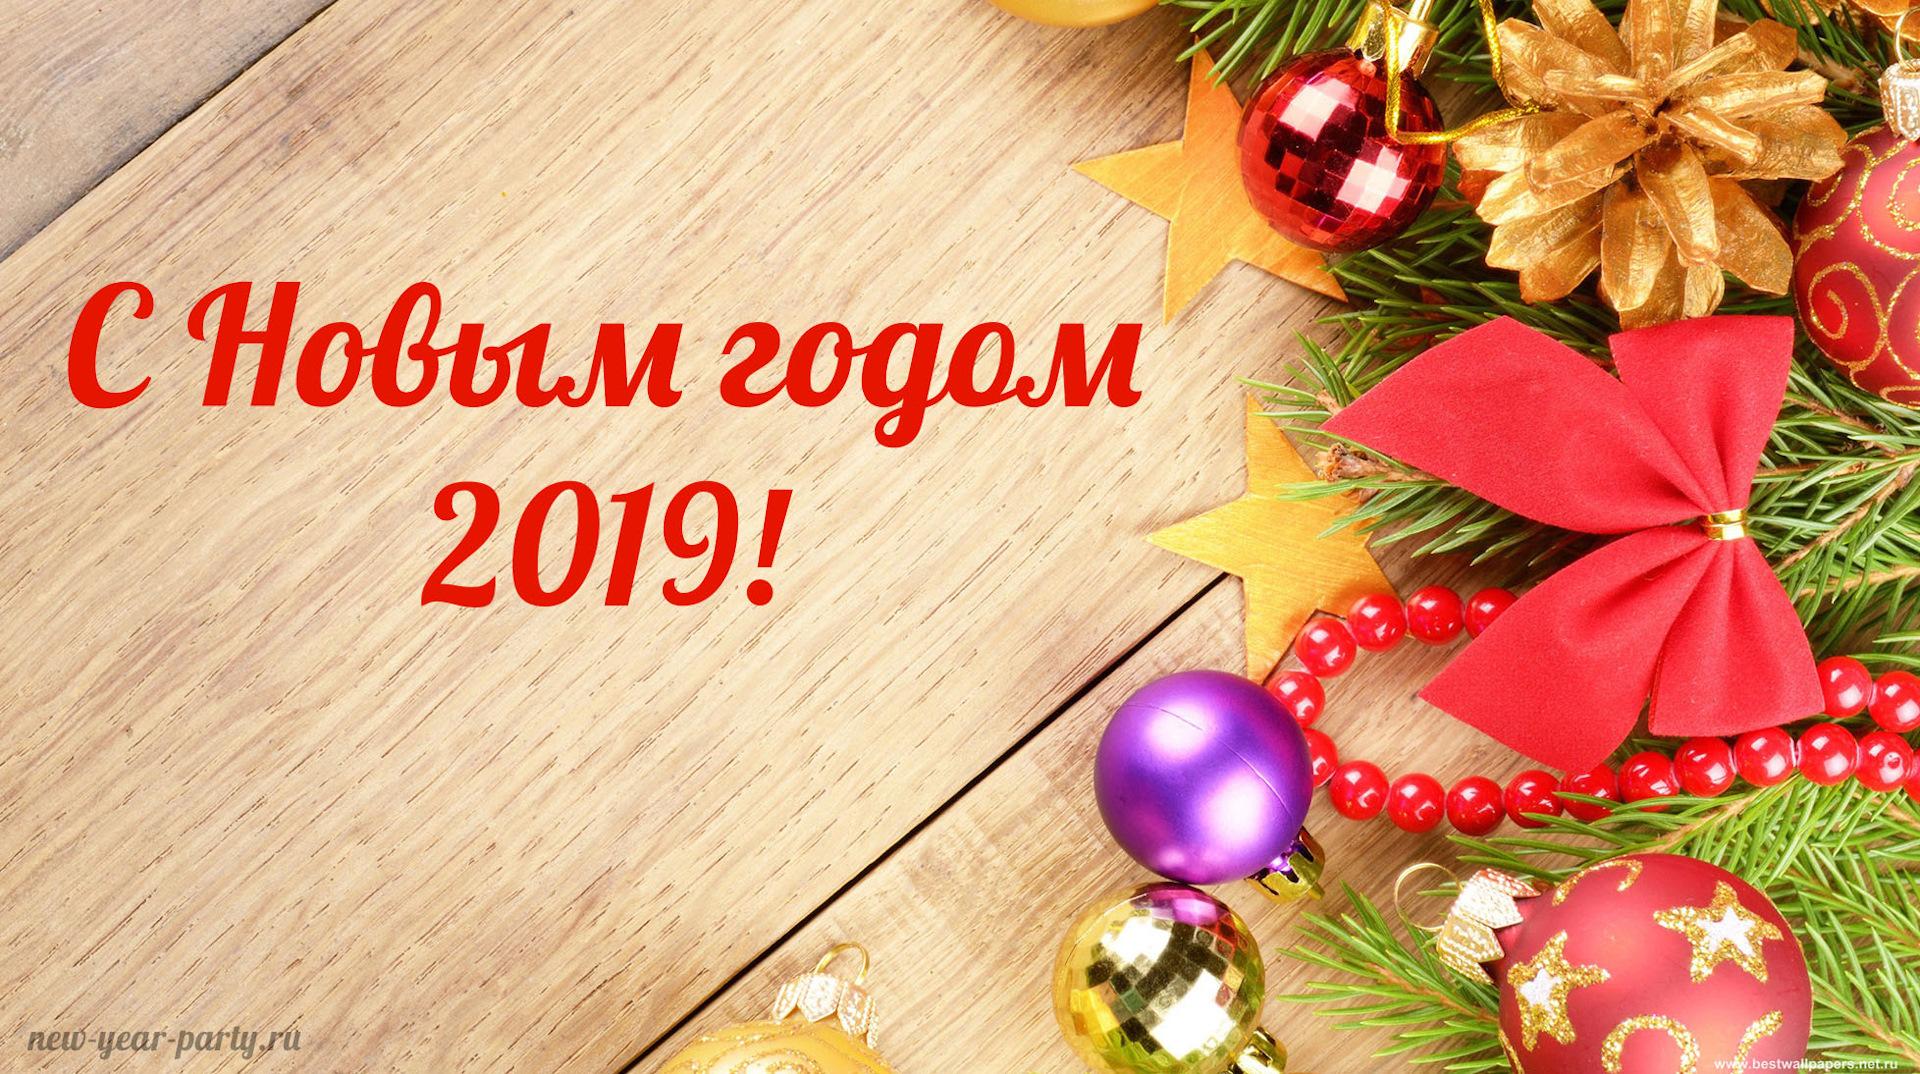 Новогодние открытки с надписью с новым годом